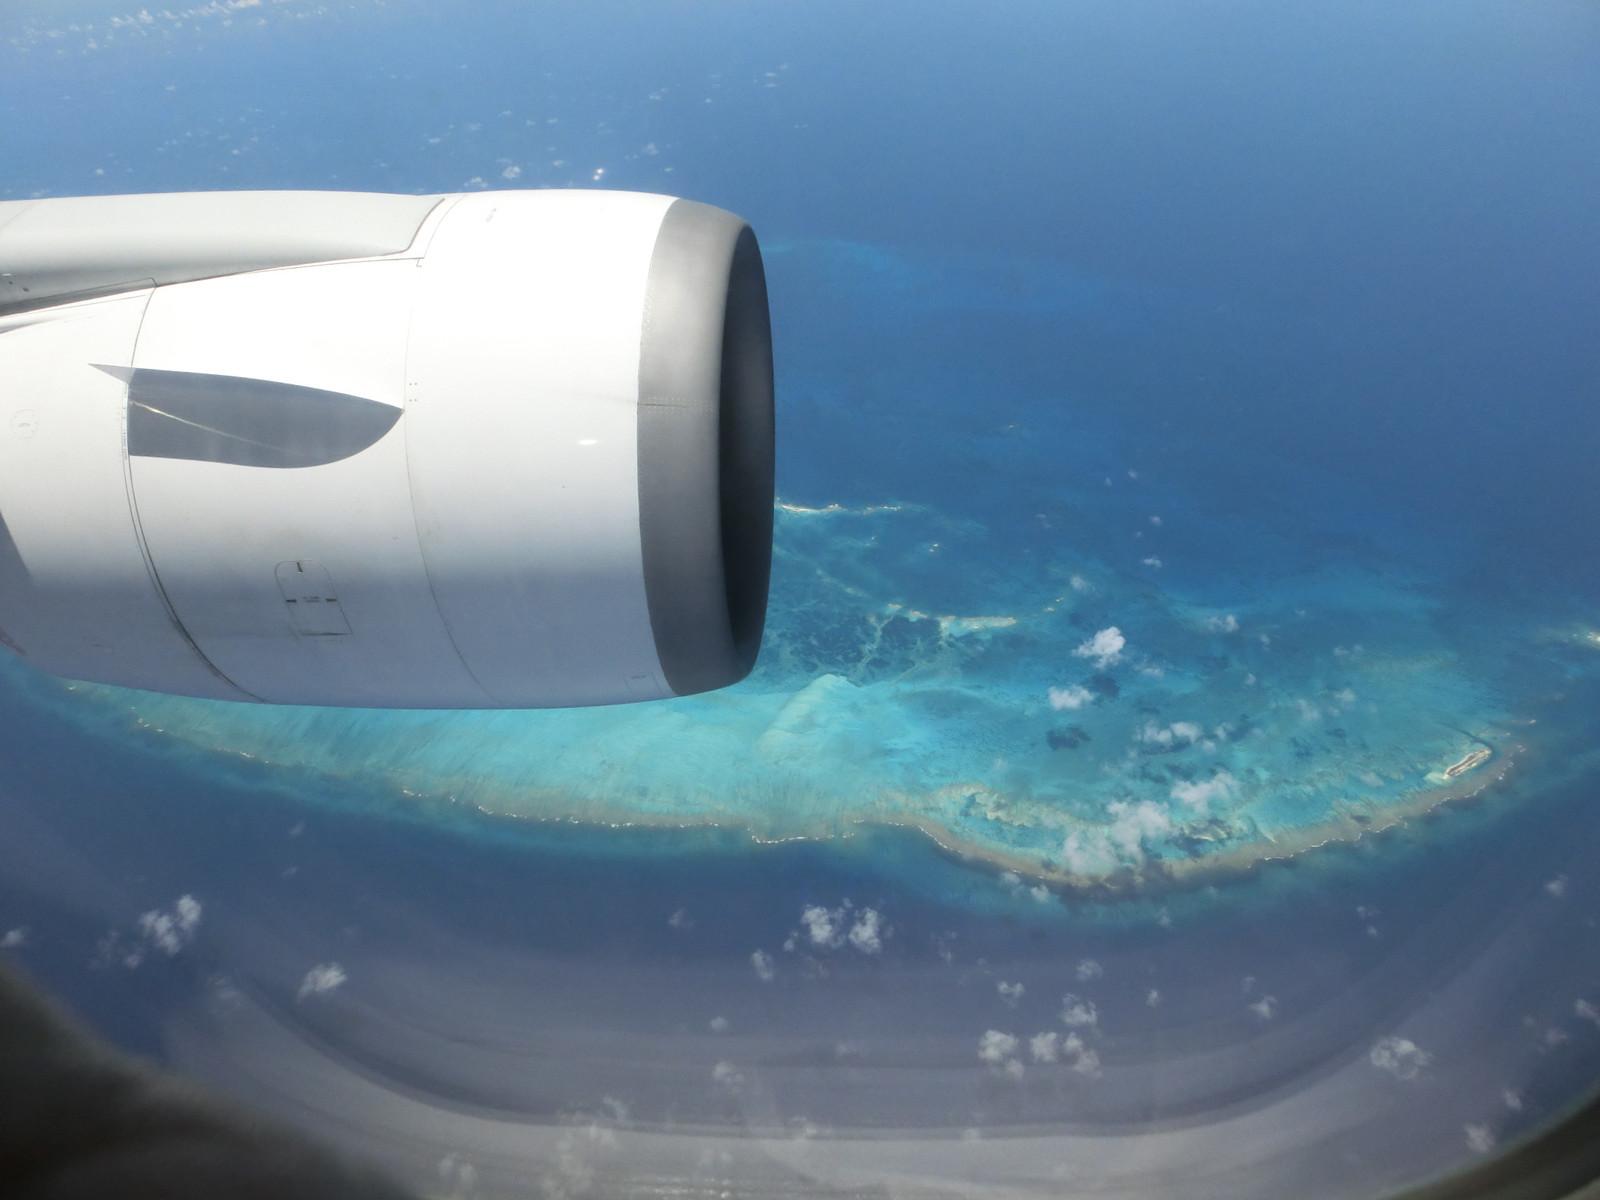 Jl785_hnl_takeoff_7